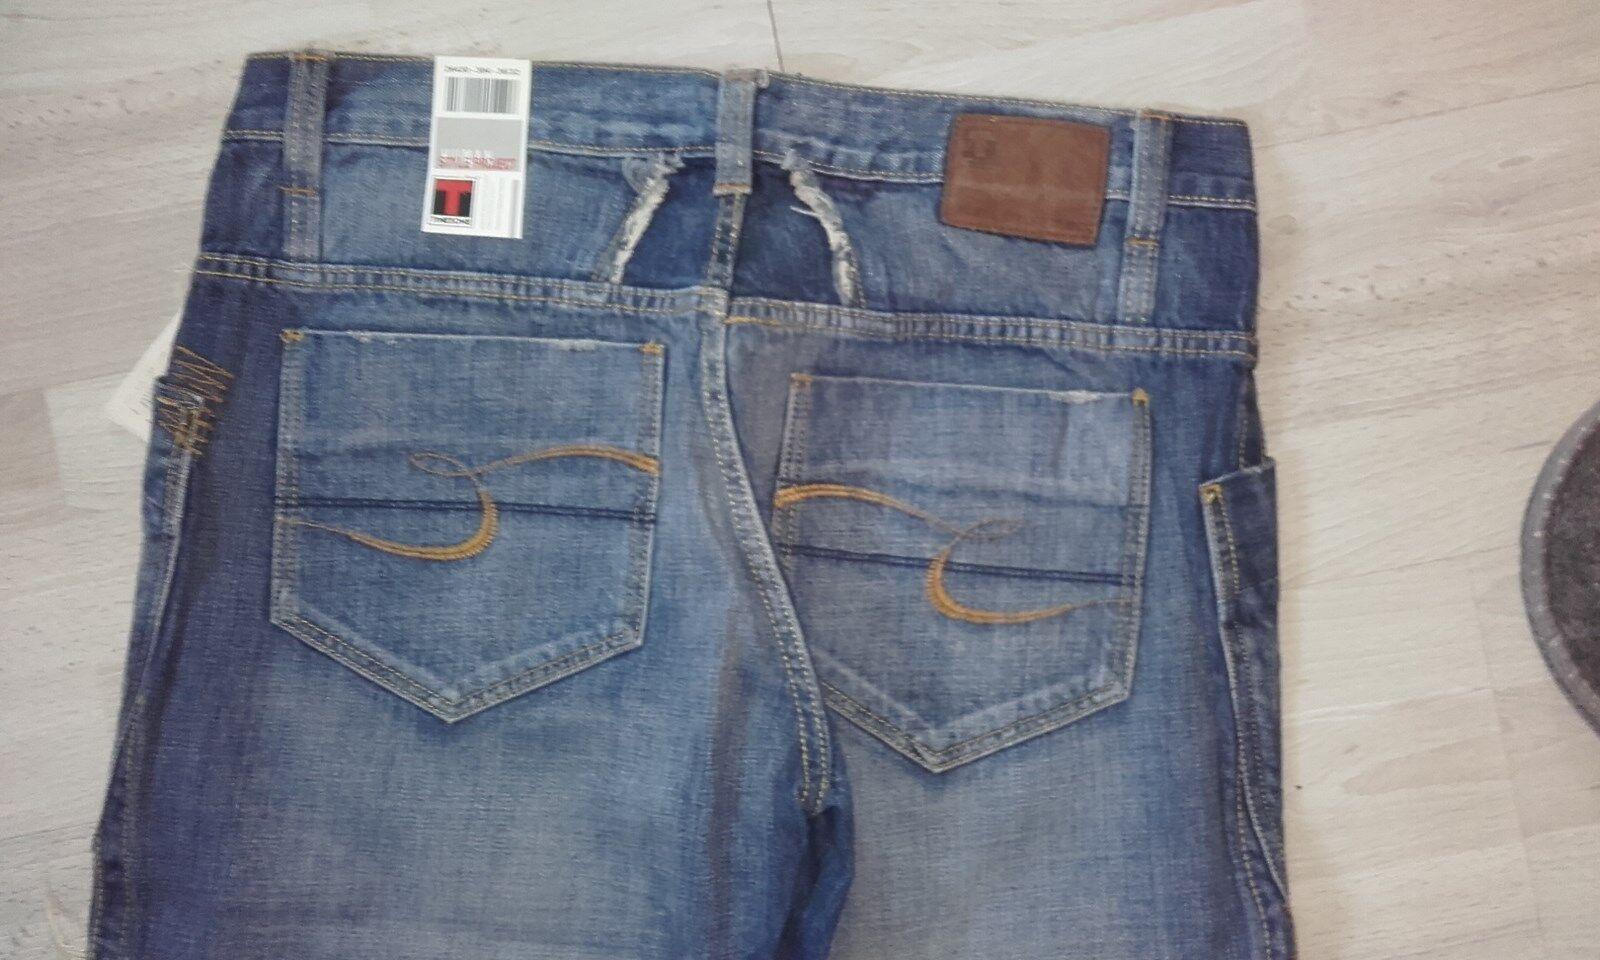 TIMEZONE Human Project Style Jeans Dimensione 36 32 nuovo mai usato imballo originale Manalo PANTS